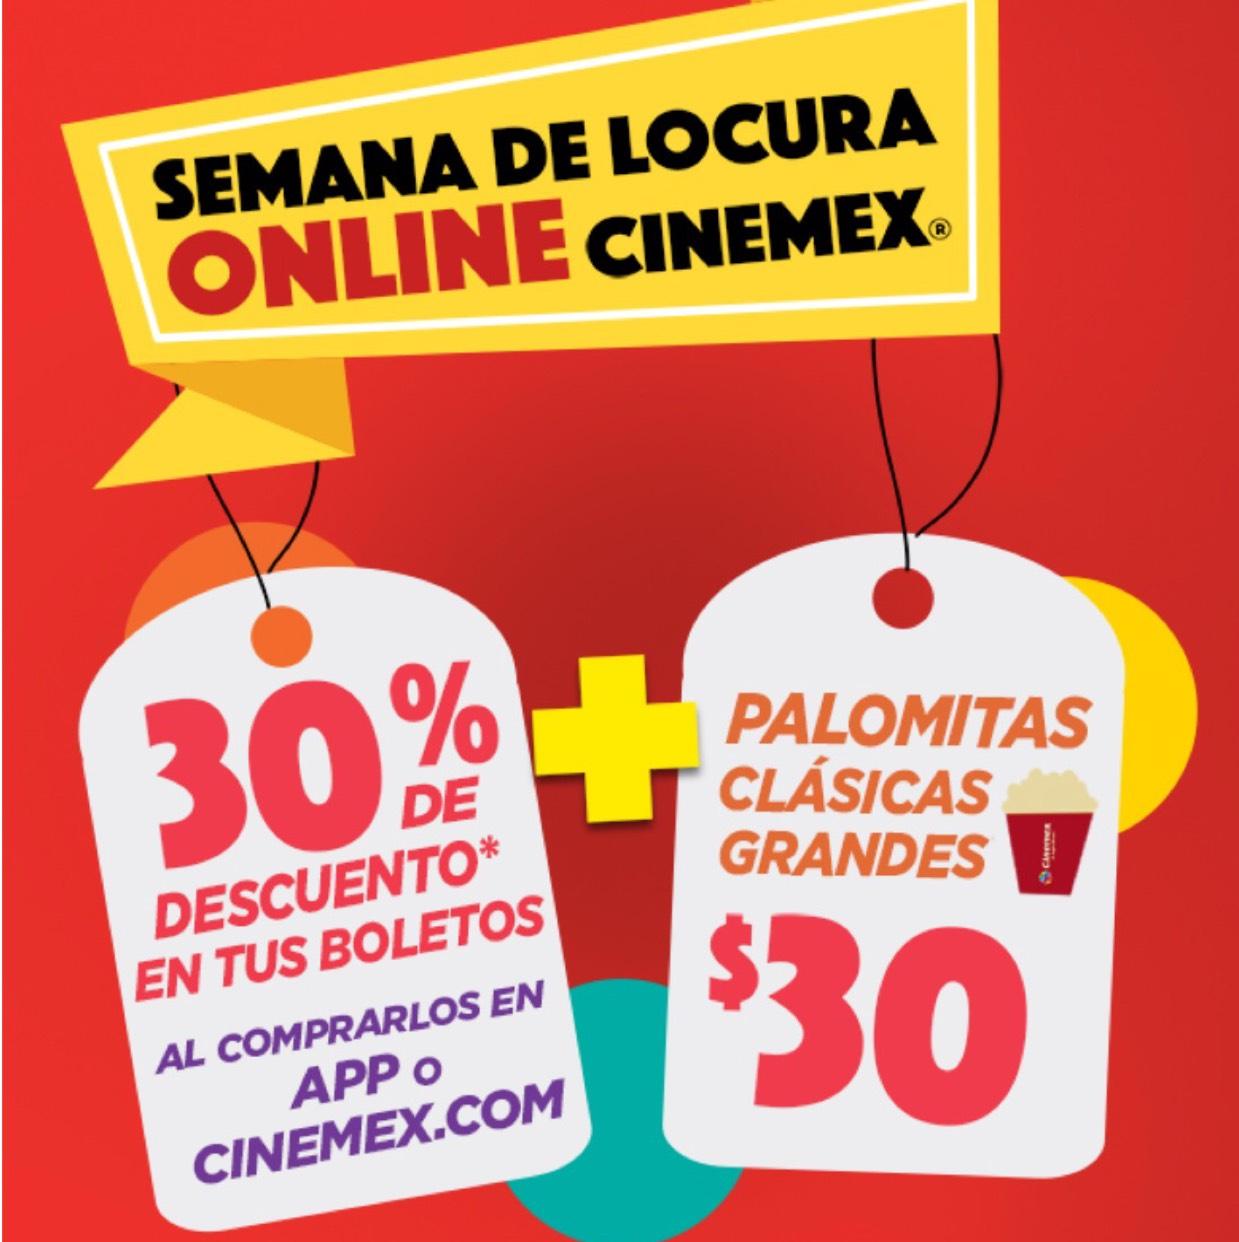 Hot Sale 2017 en Cinemex: 30% de descuento en boletos